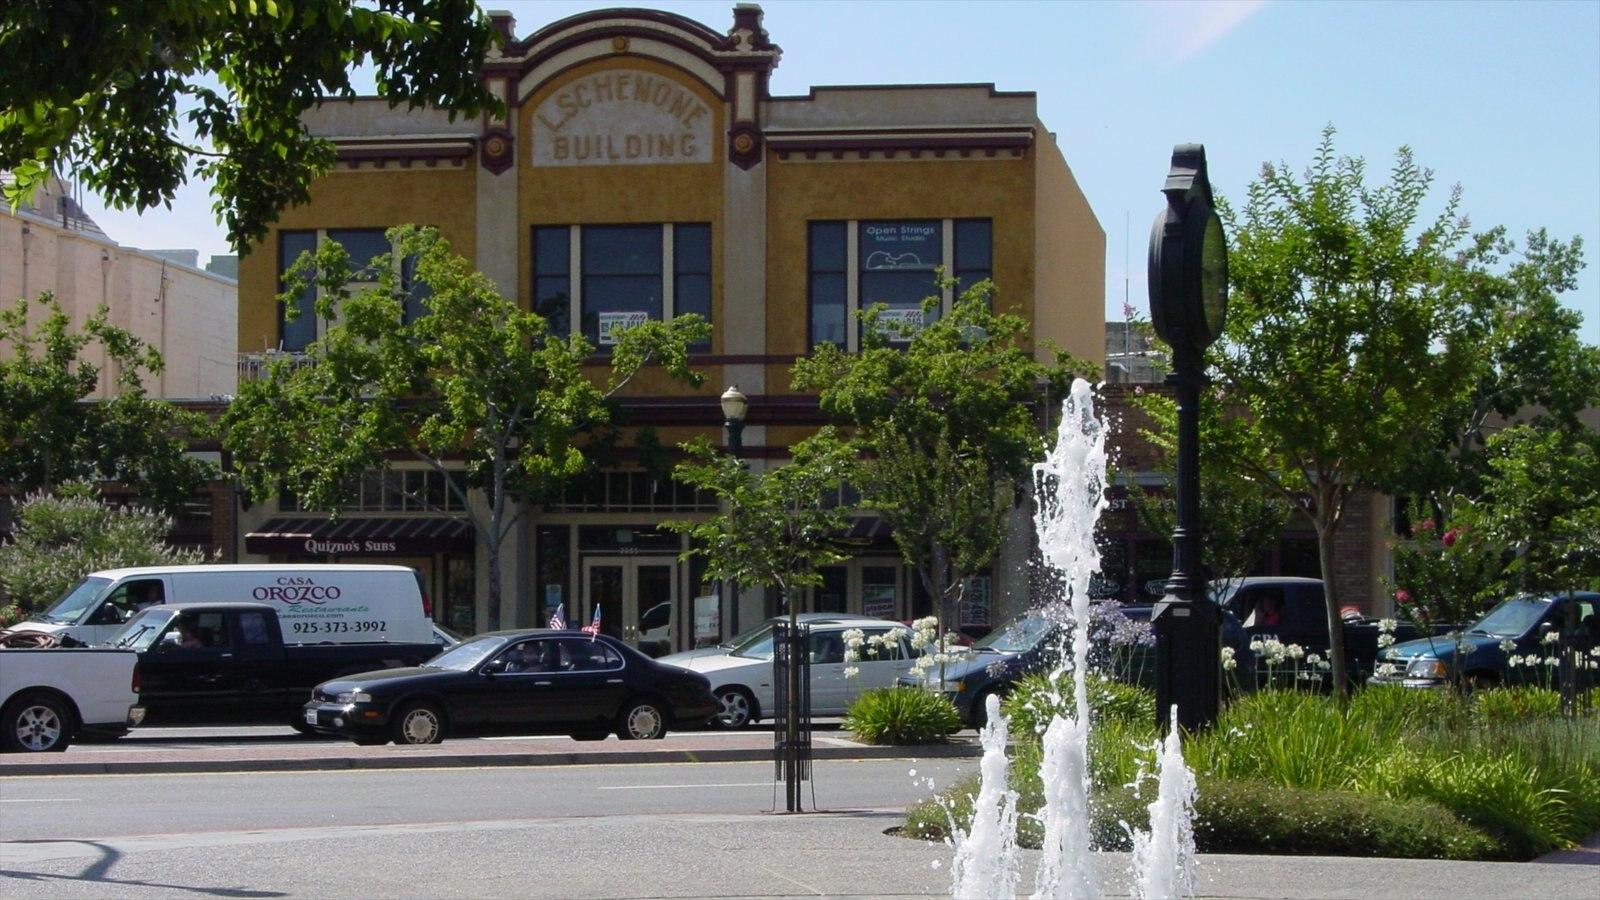 Pleasanton caracterizando sinalização, cenas de rua e arquitetura de patrimônio